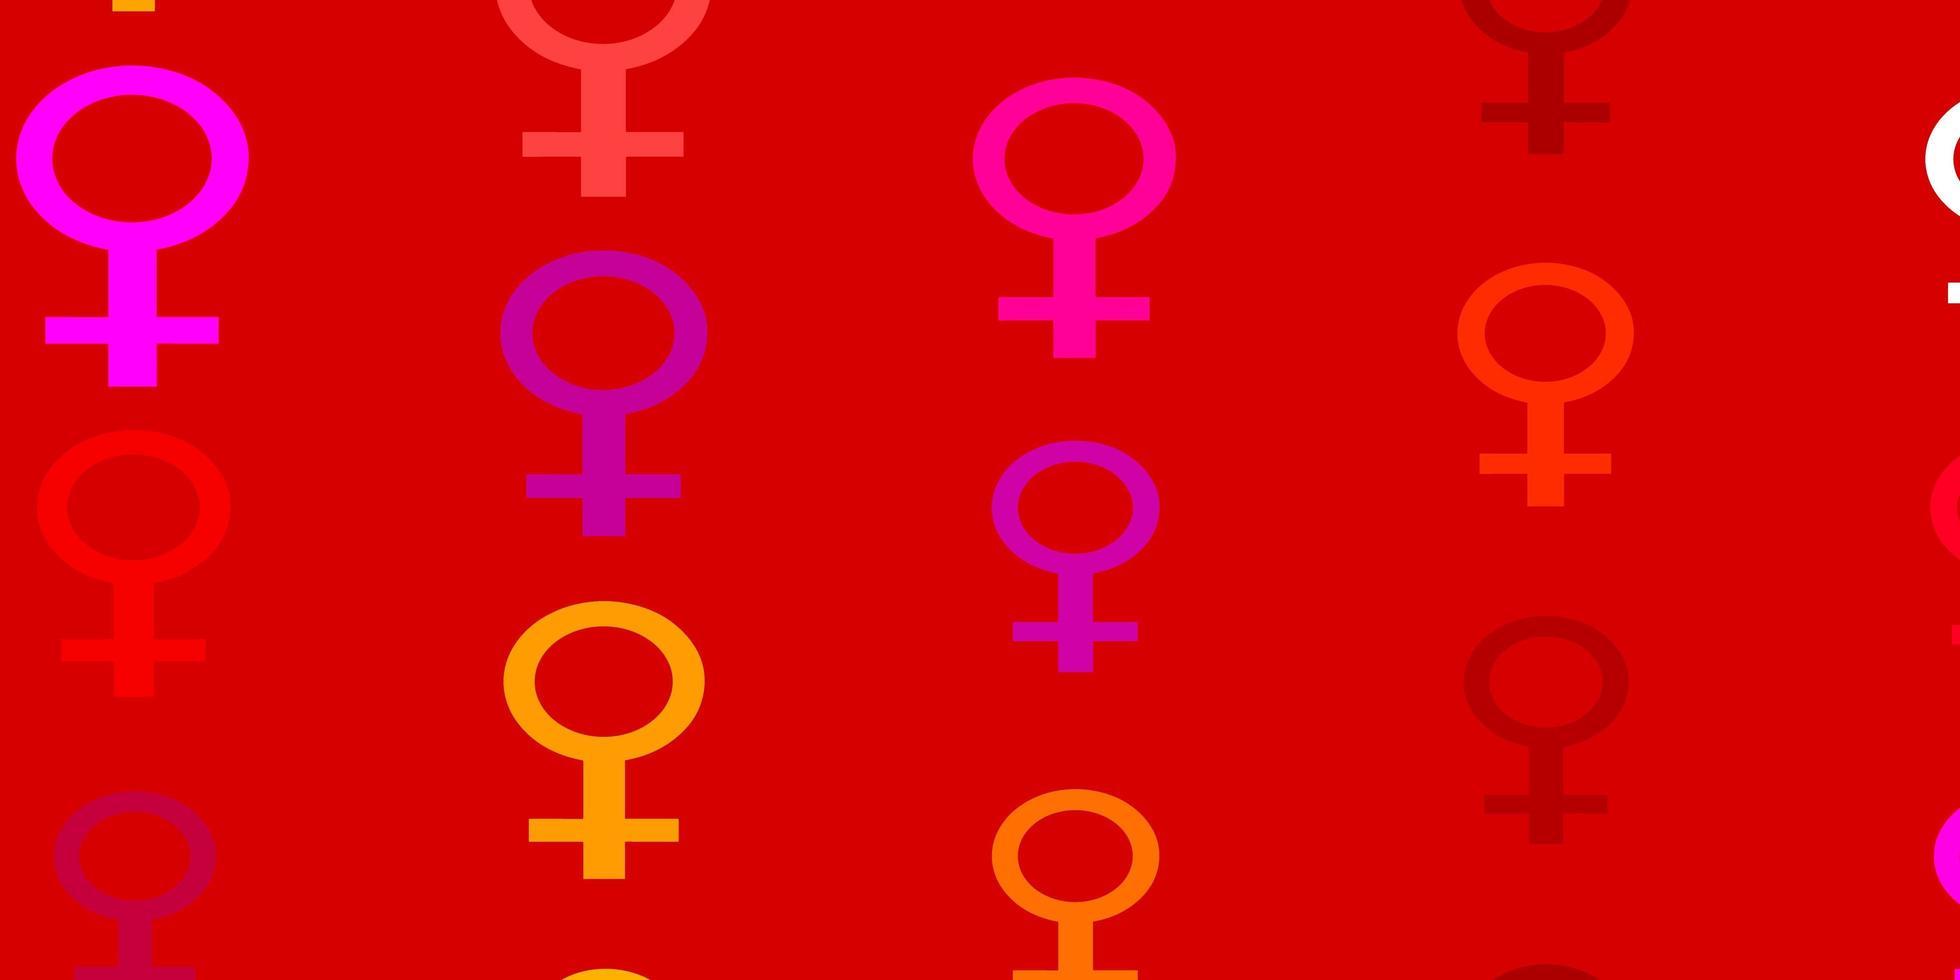 padrão de vetor rosa claro, amarelo com elementos do feminismo.